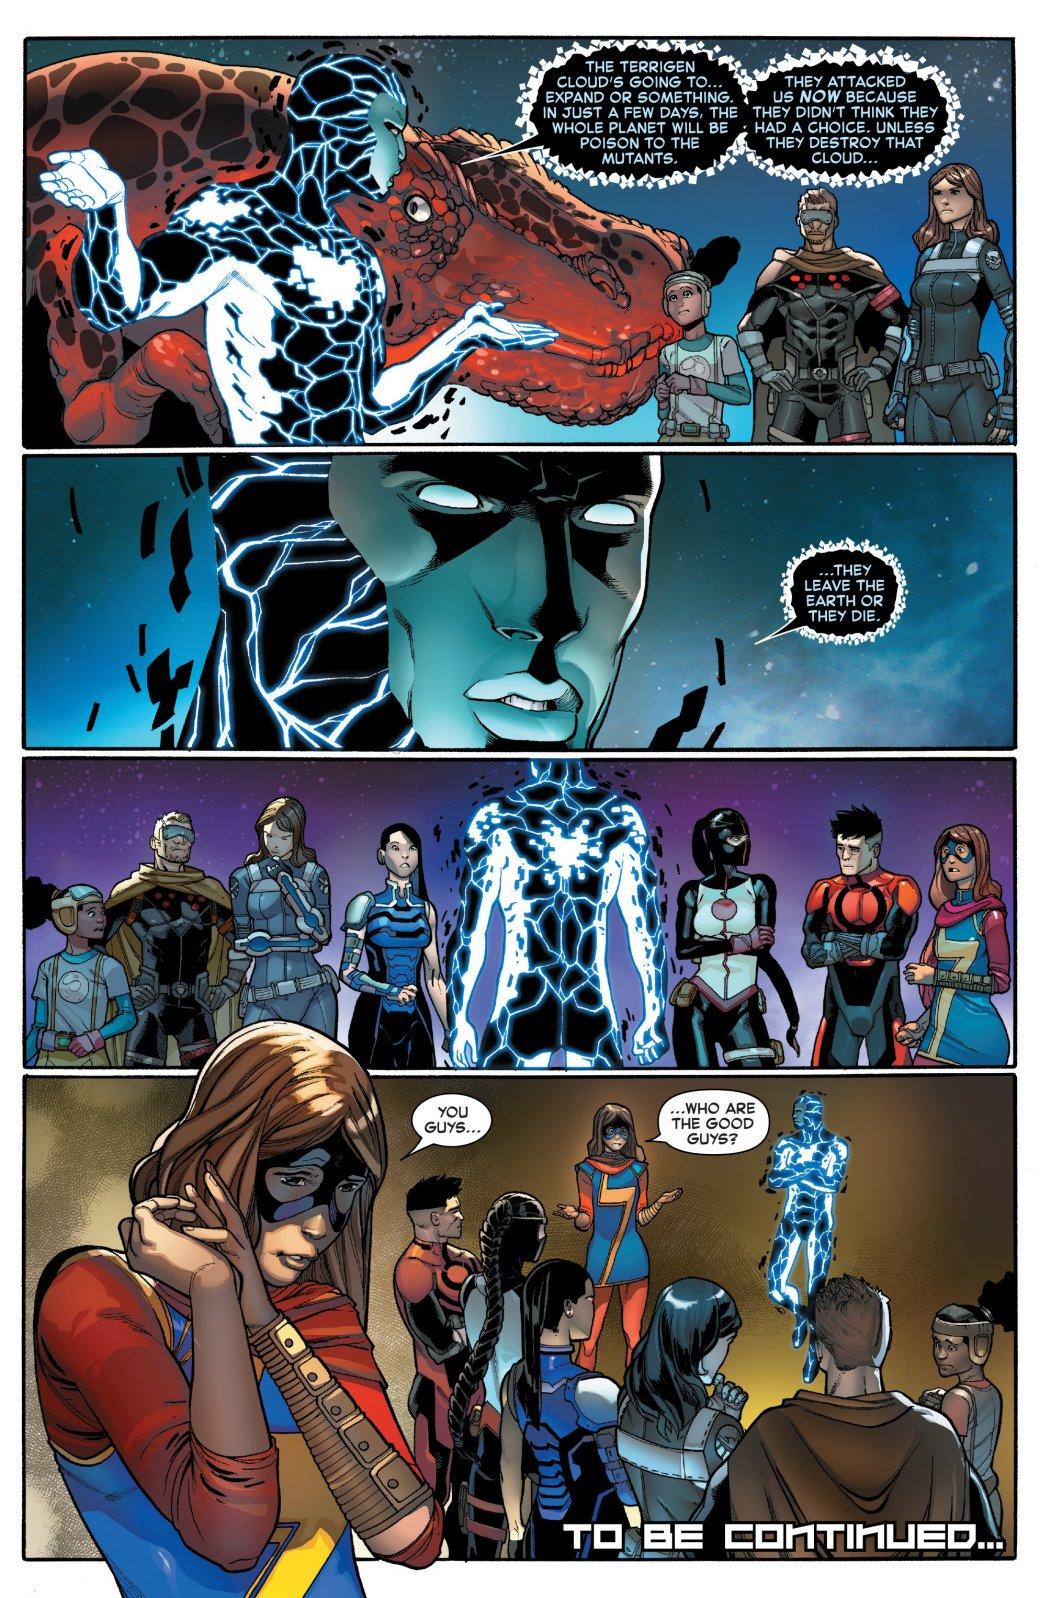 Молодые нелюди узнали правду о войне с мутантами